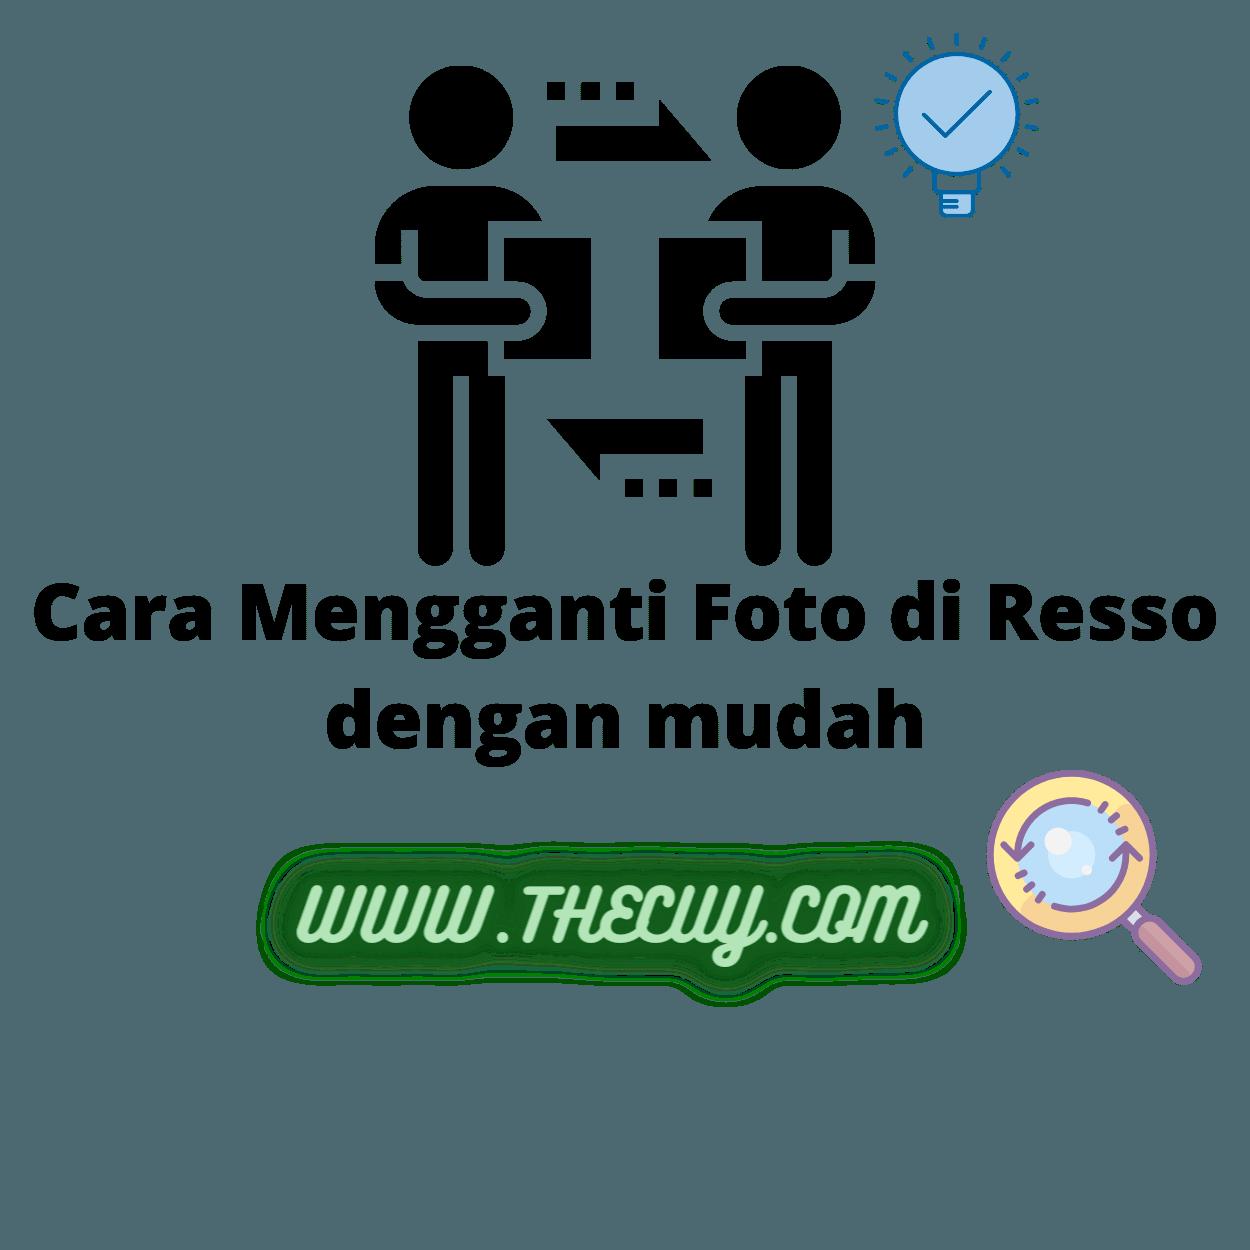 Cara Mengganti Foto di Resso dengan mudah